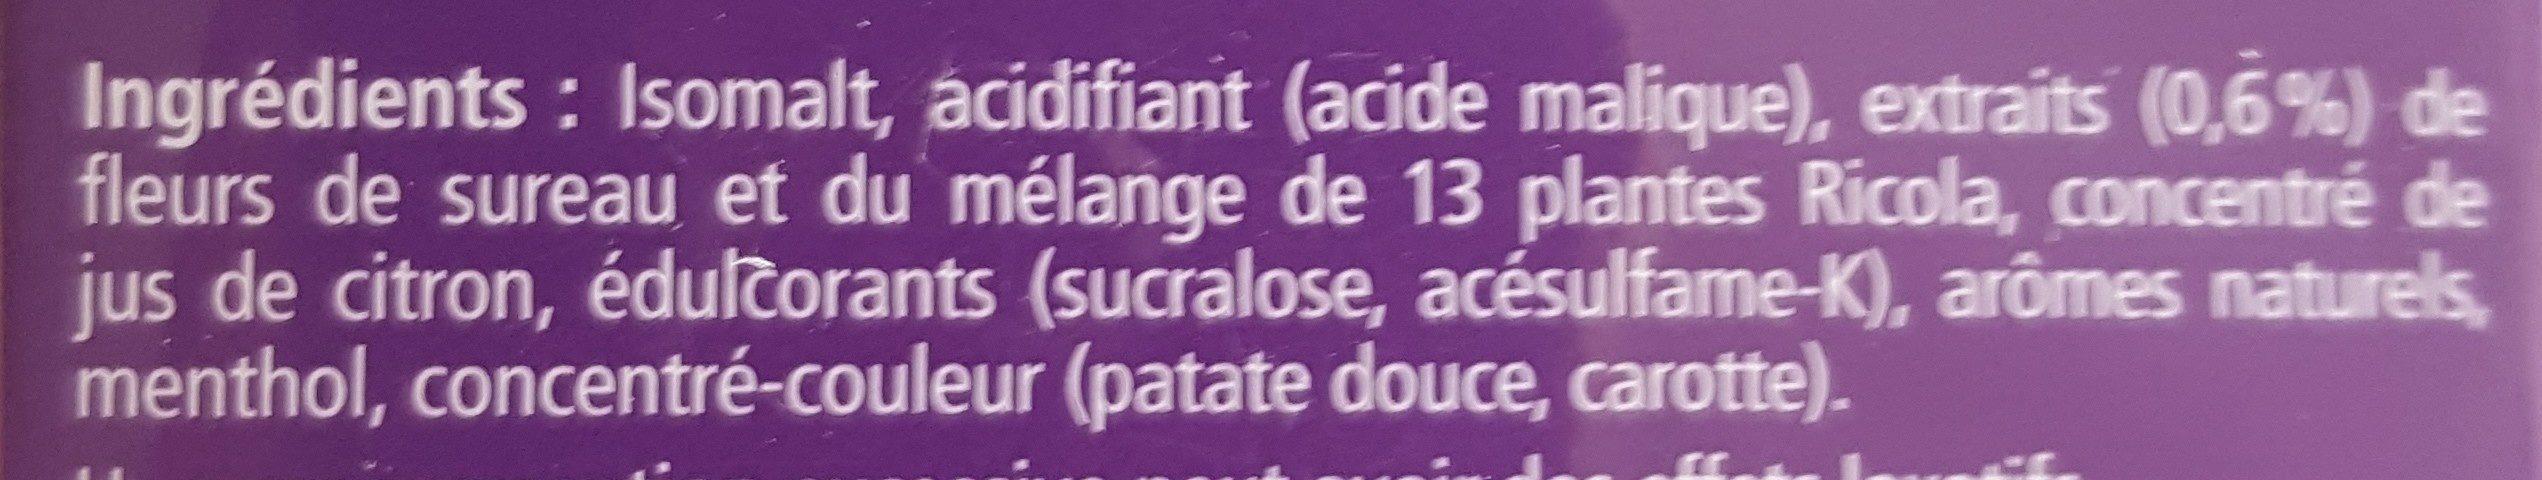 Bonbons Fleurs de sureau - Ingrédients